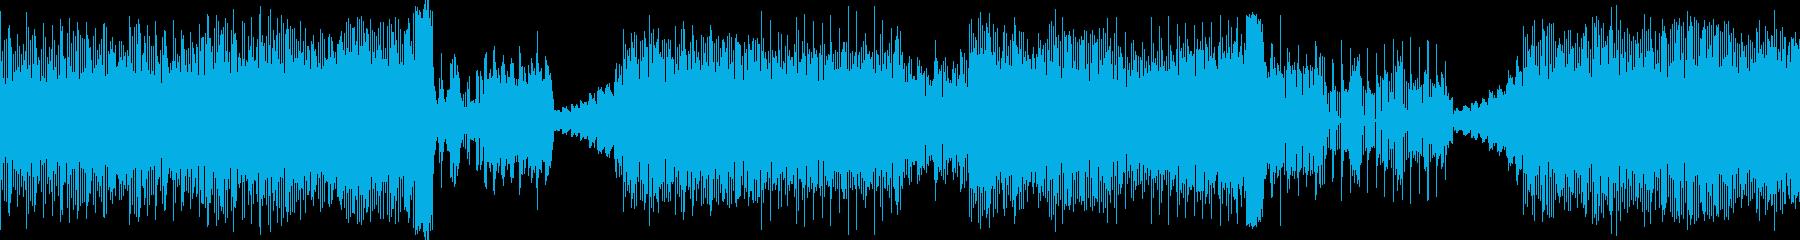 ノリの良いテクノポップの再生済みの波形